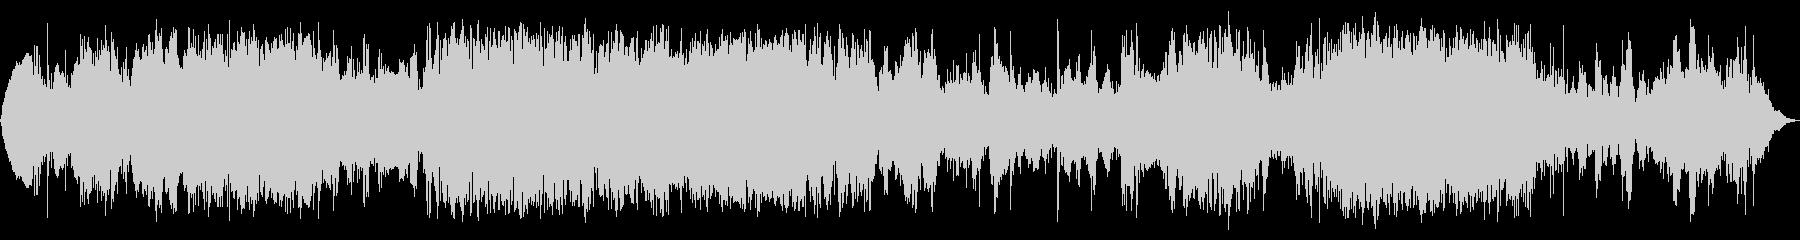 グルーヴィースペース2の未再生の波形